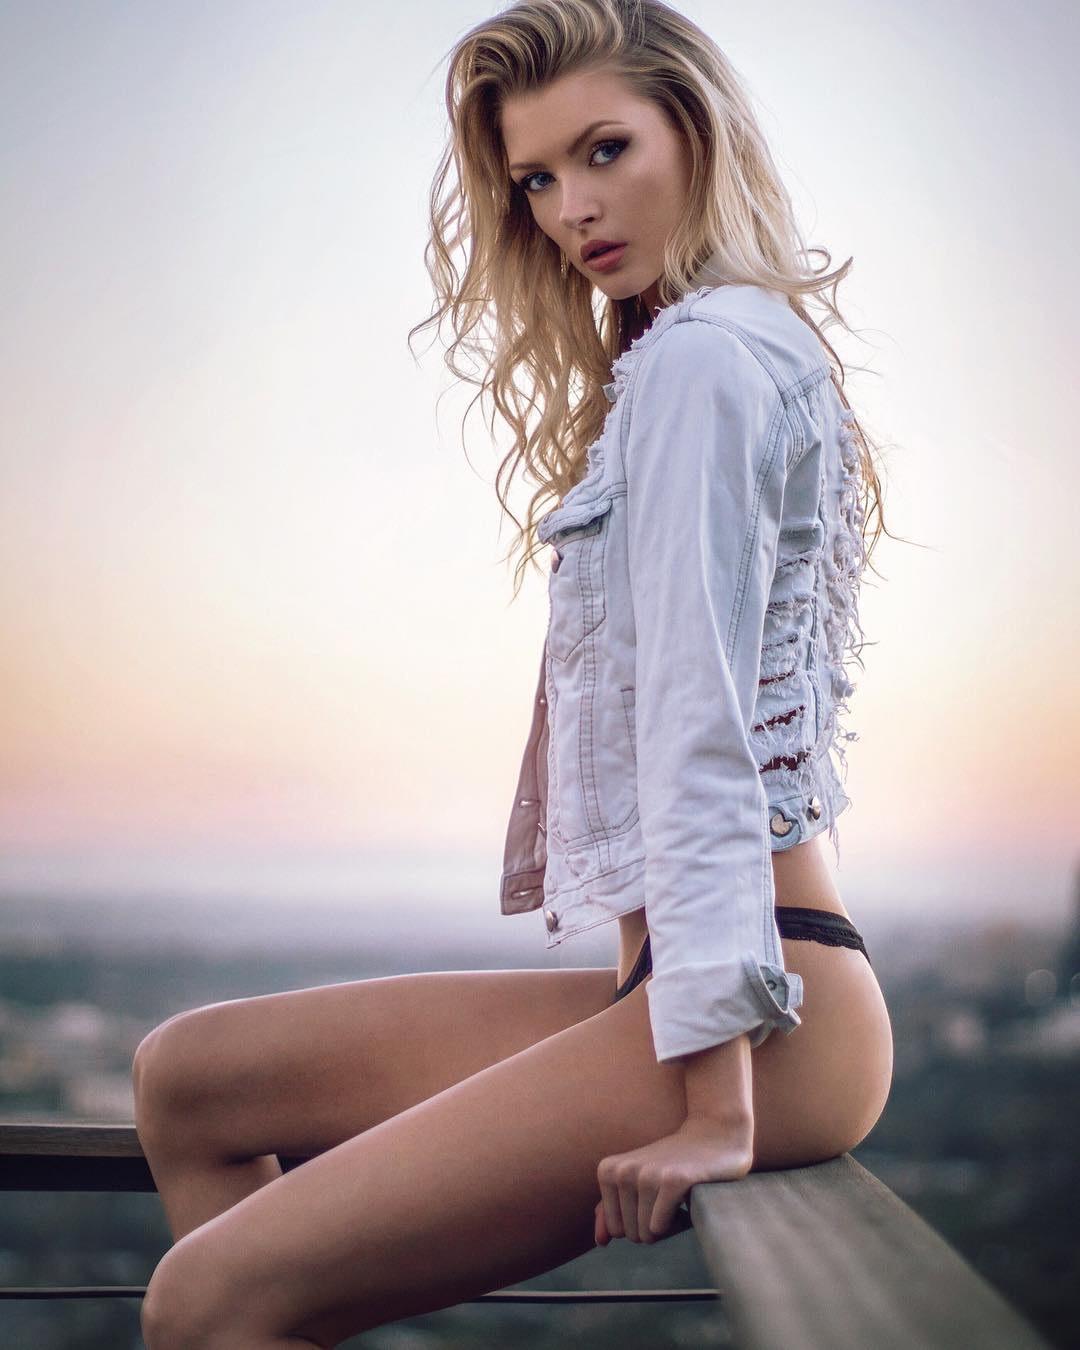 Эскорт модель Кристи